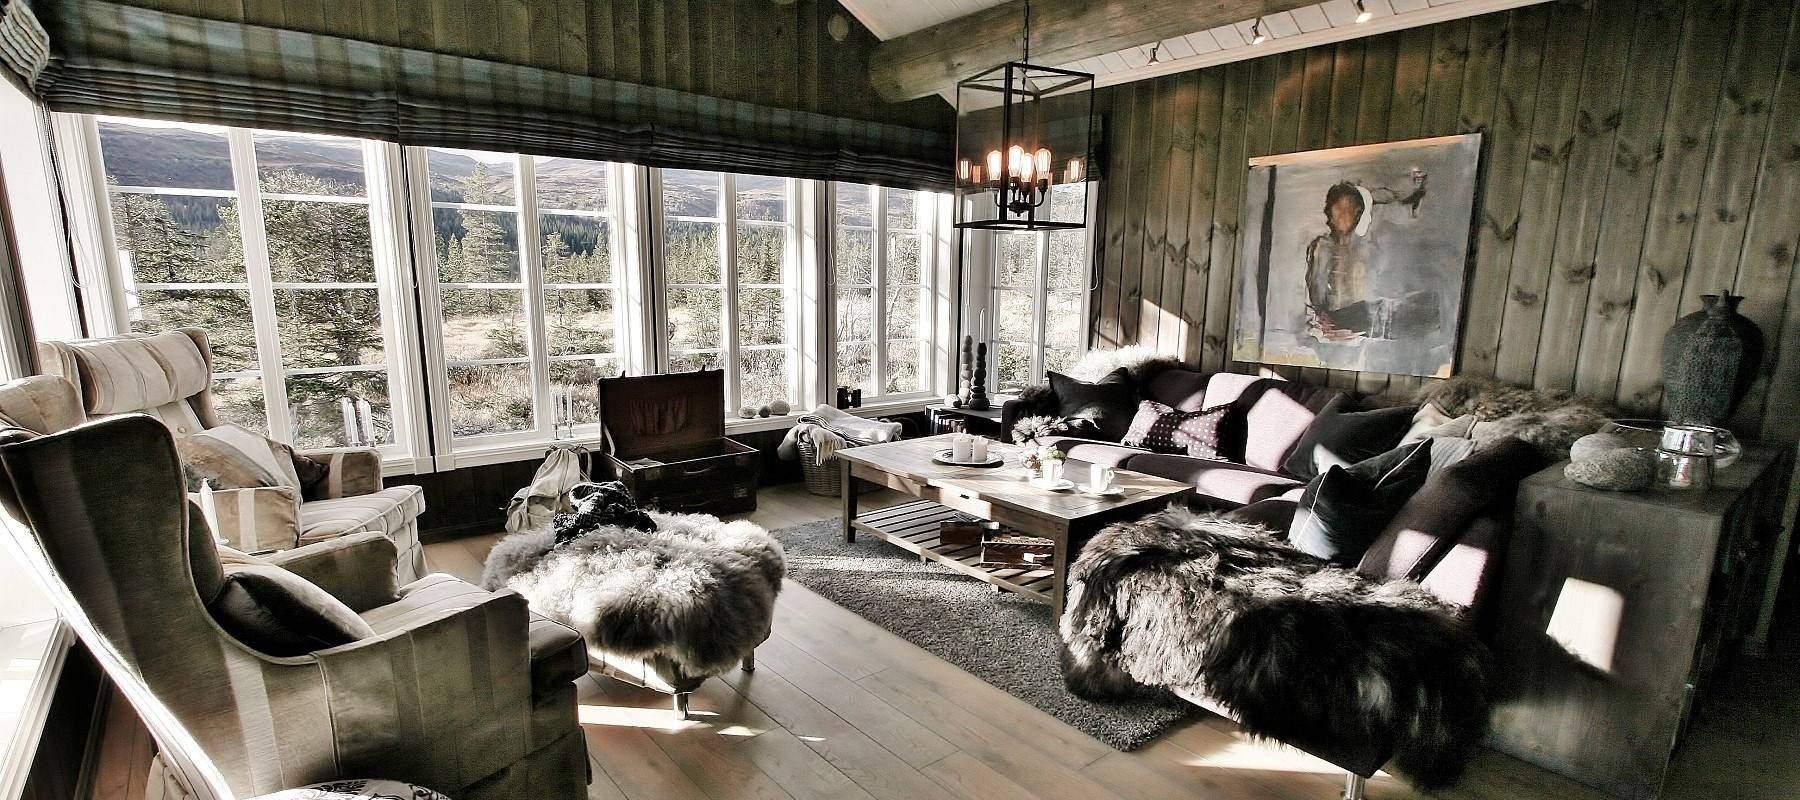 62 Hytteinteriør Inspirasjon Veggli – Stryn 92